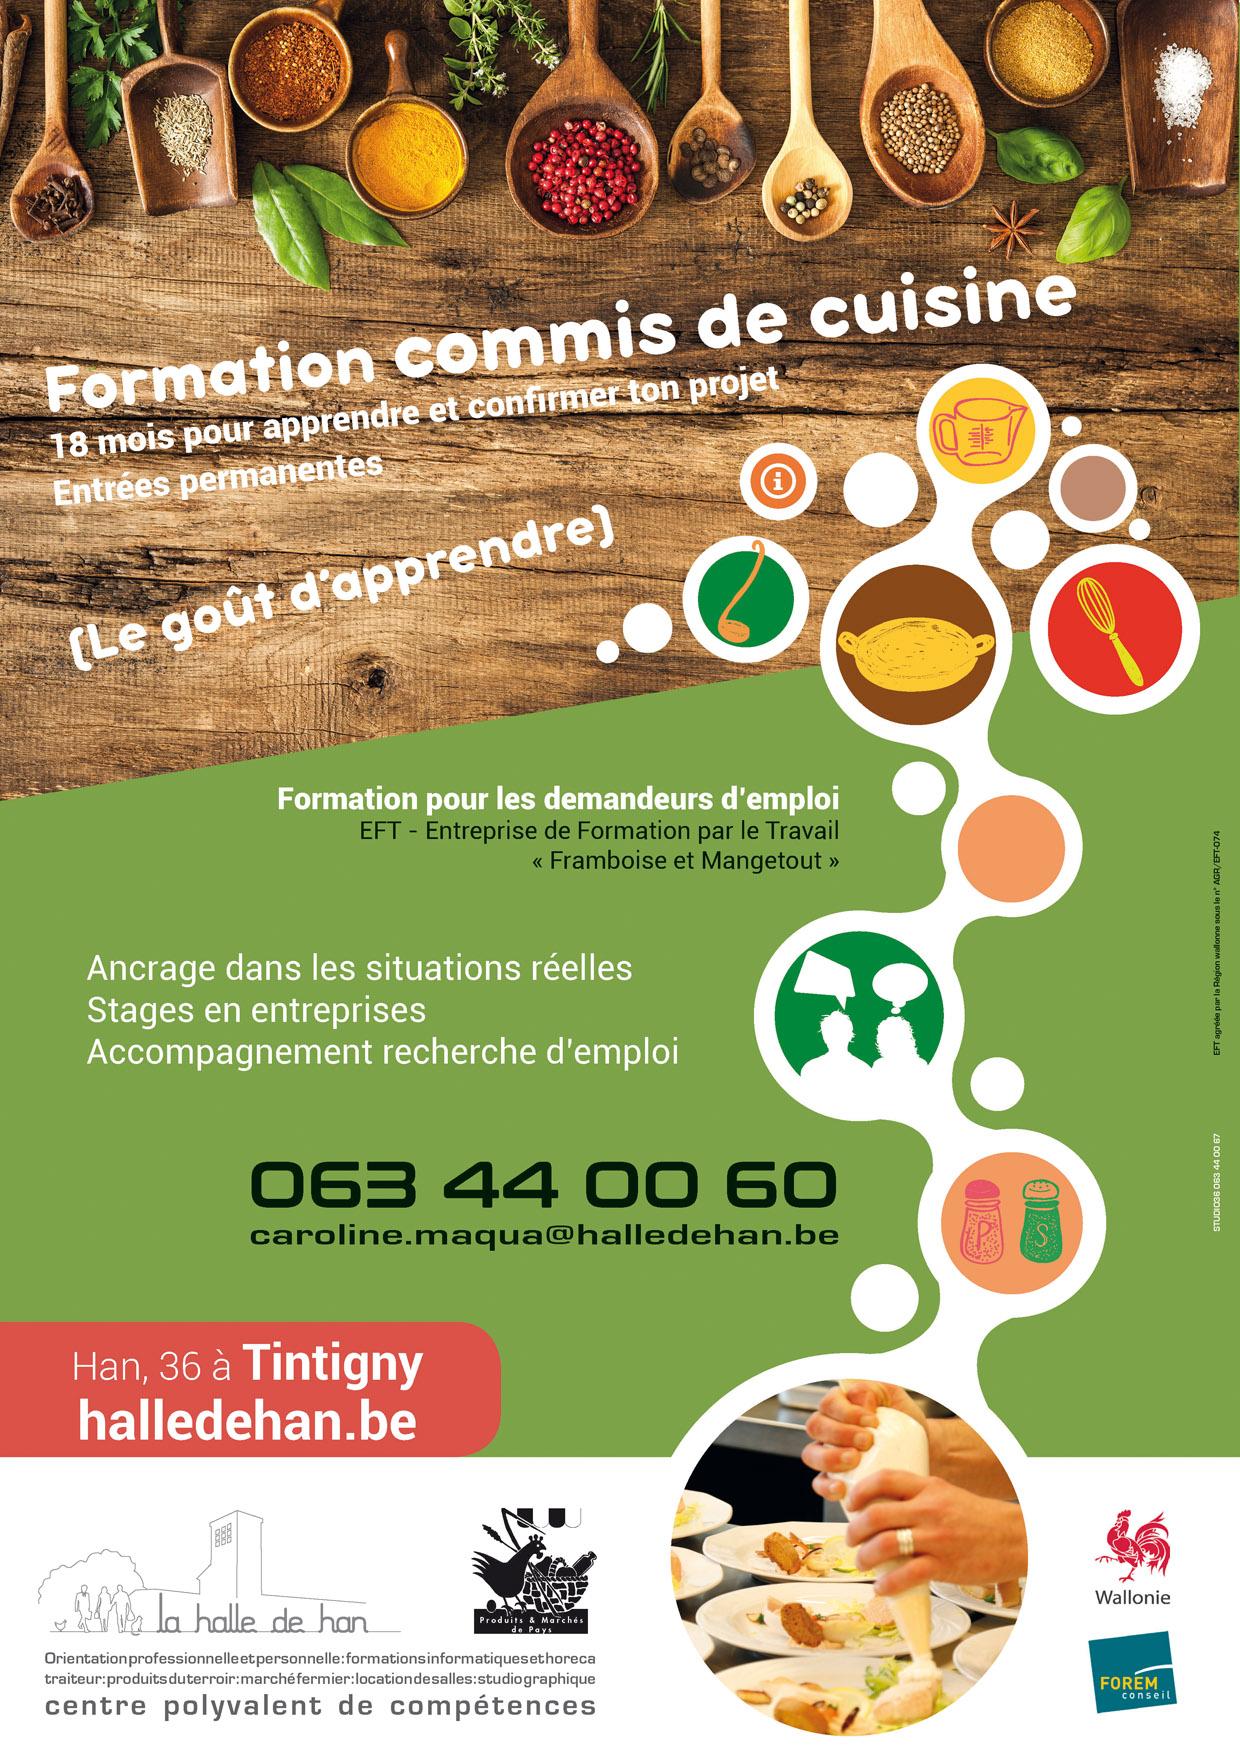 Formation Pour Demandeurs D Emploi Commis De Cuisine